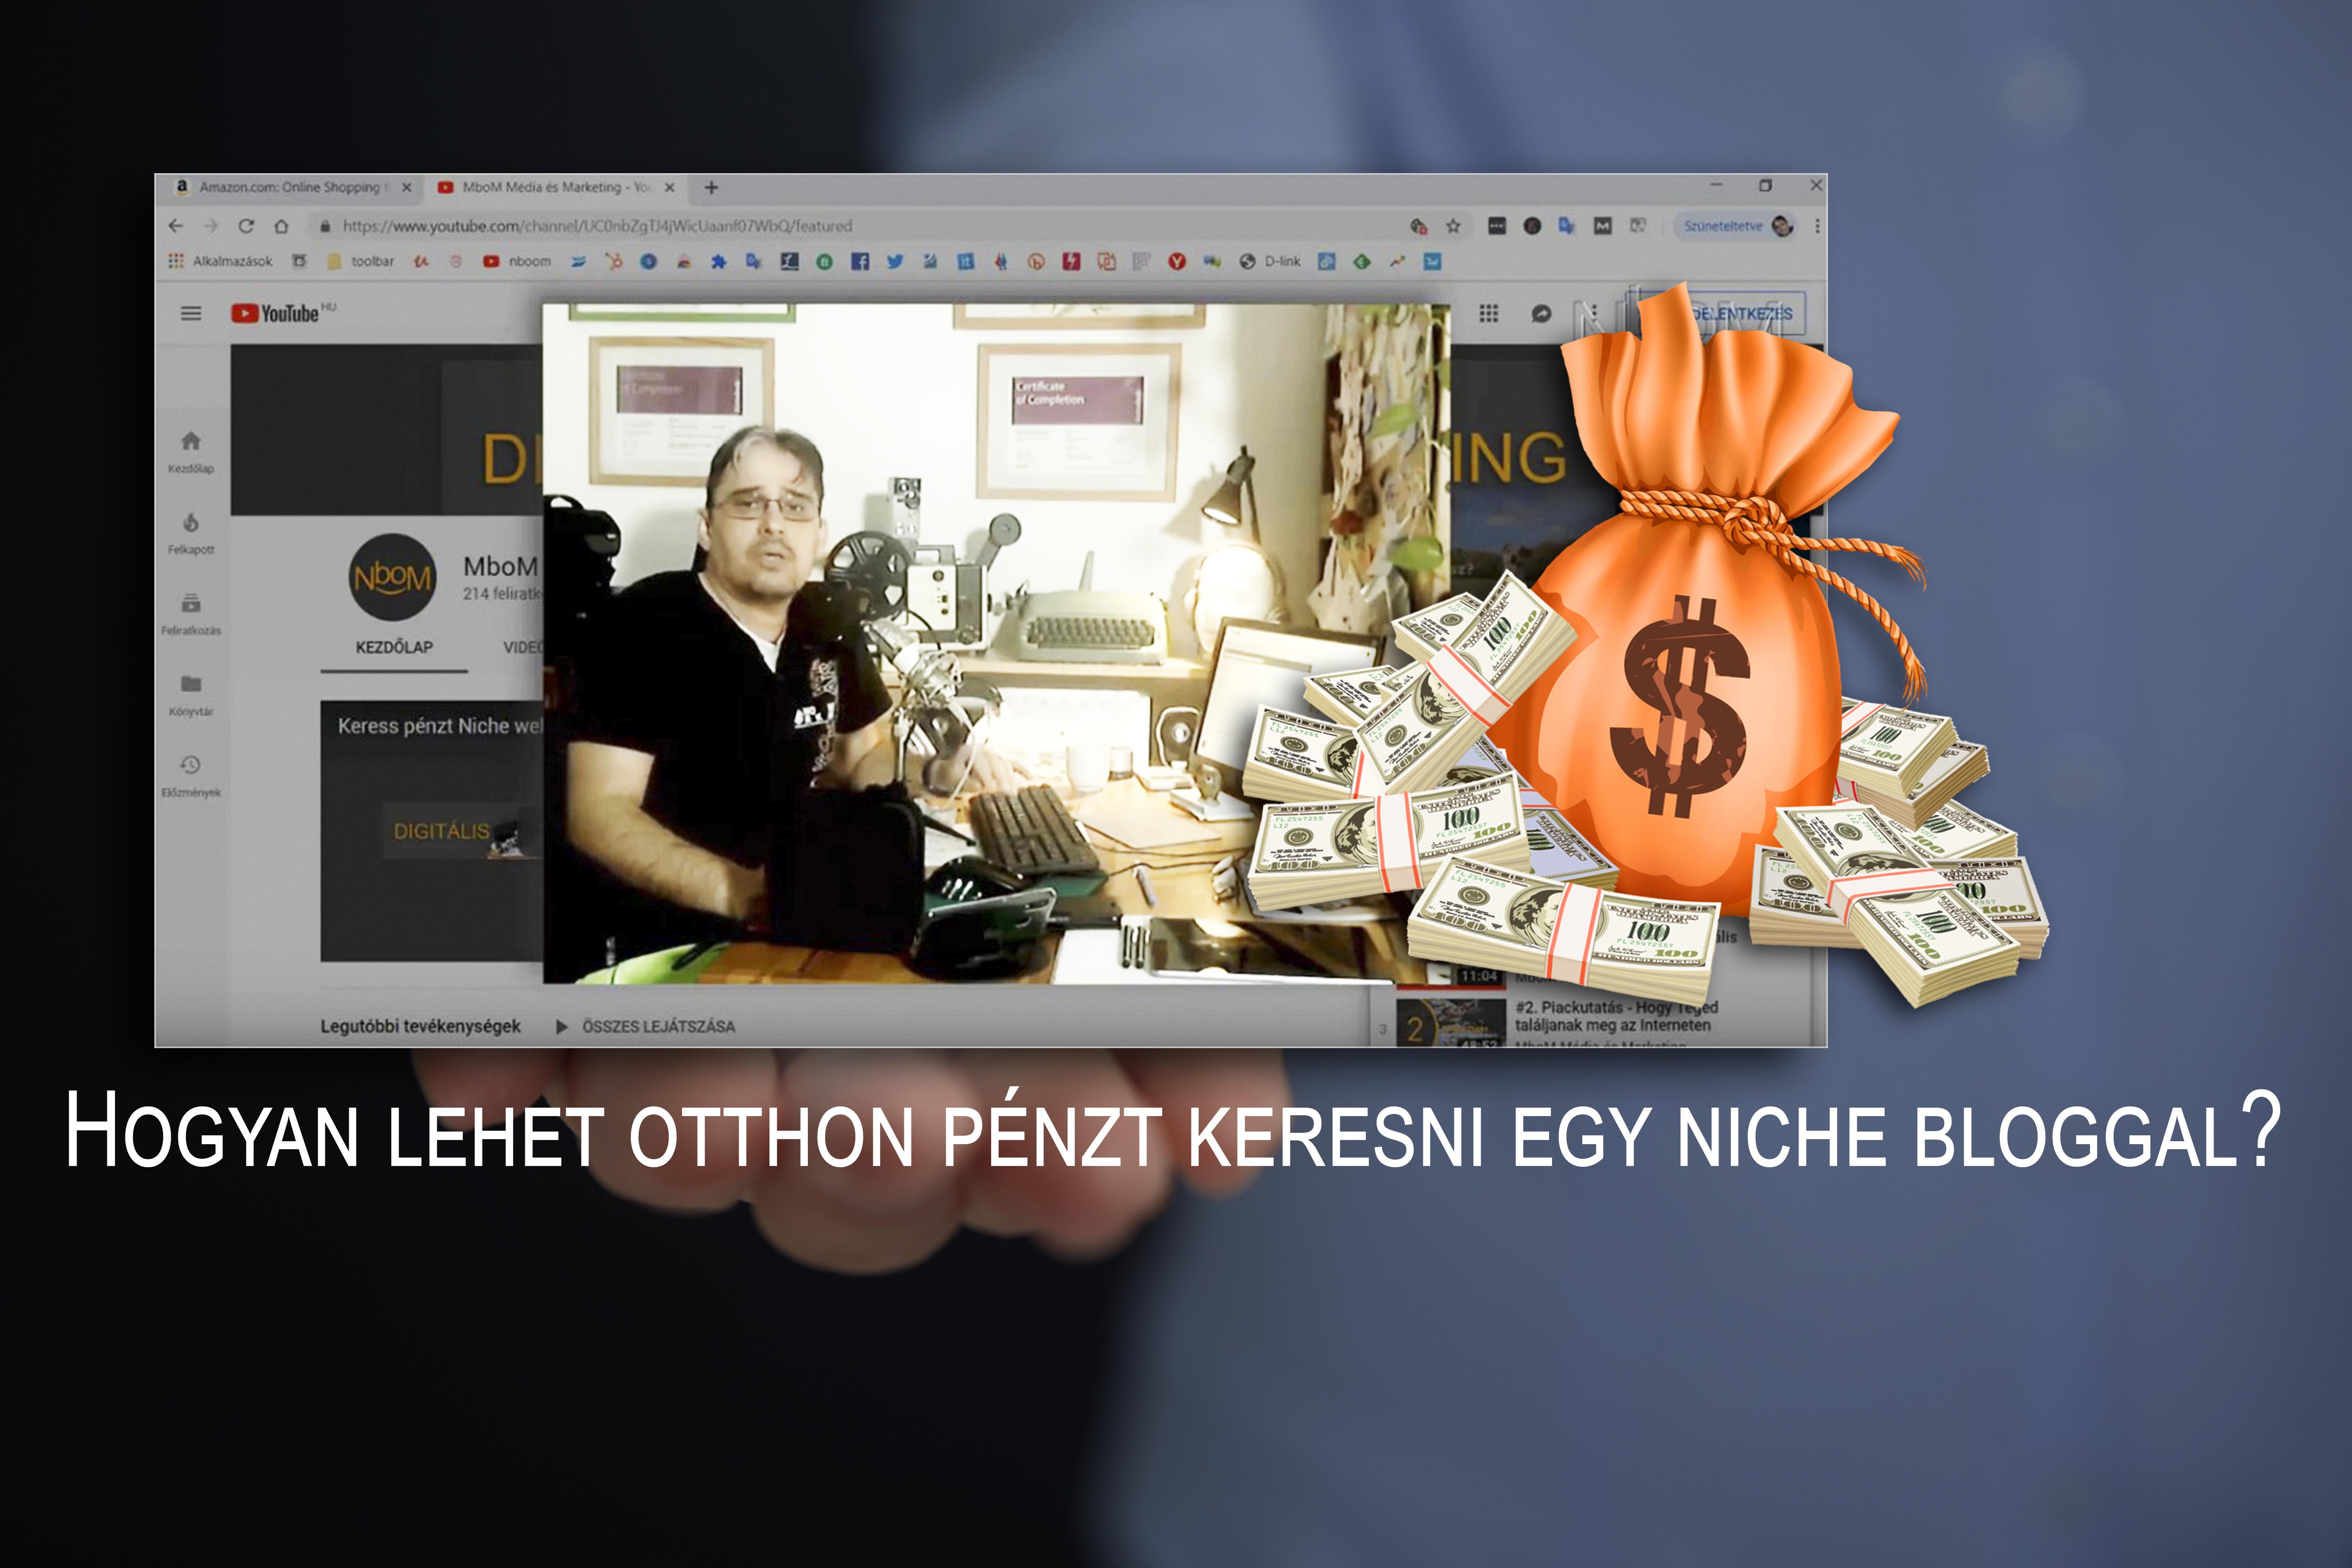 hogyan lehet valódi pénzt keresni az online linkeken)